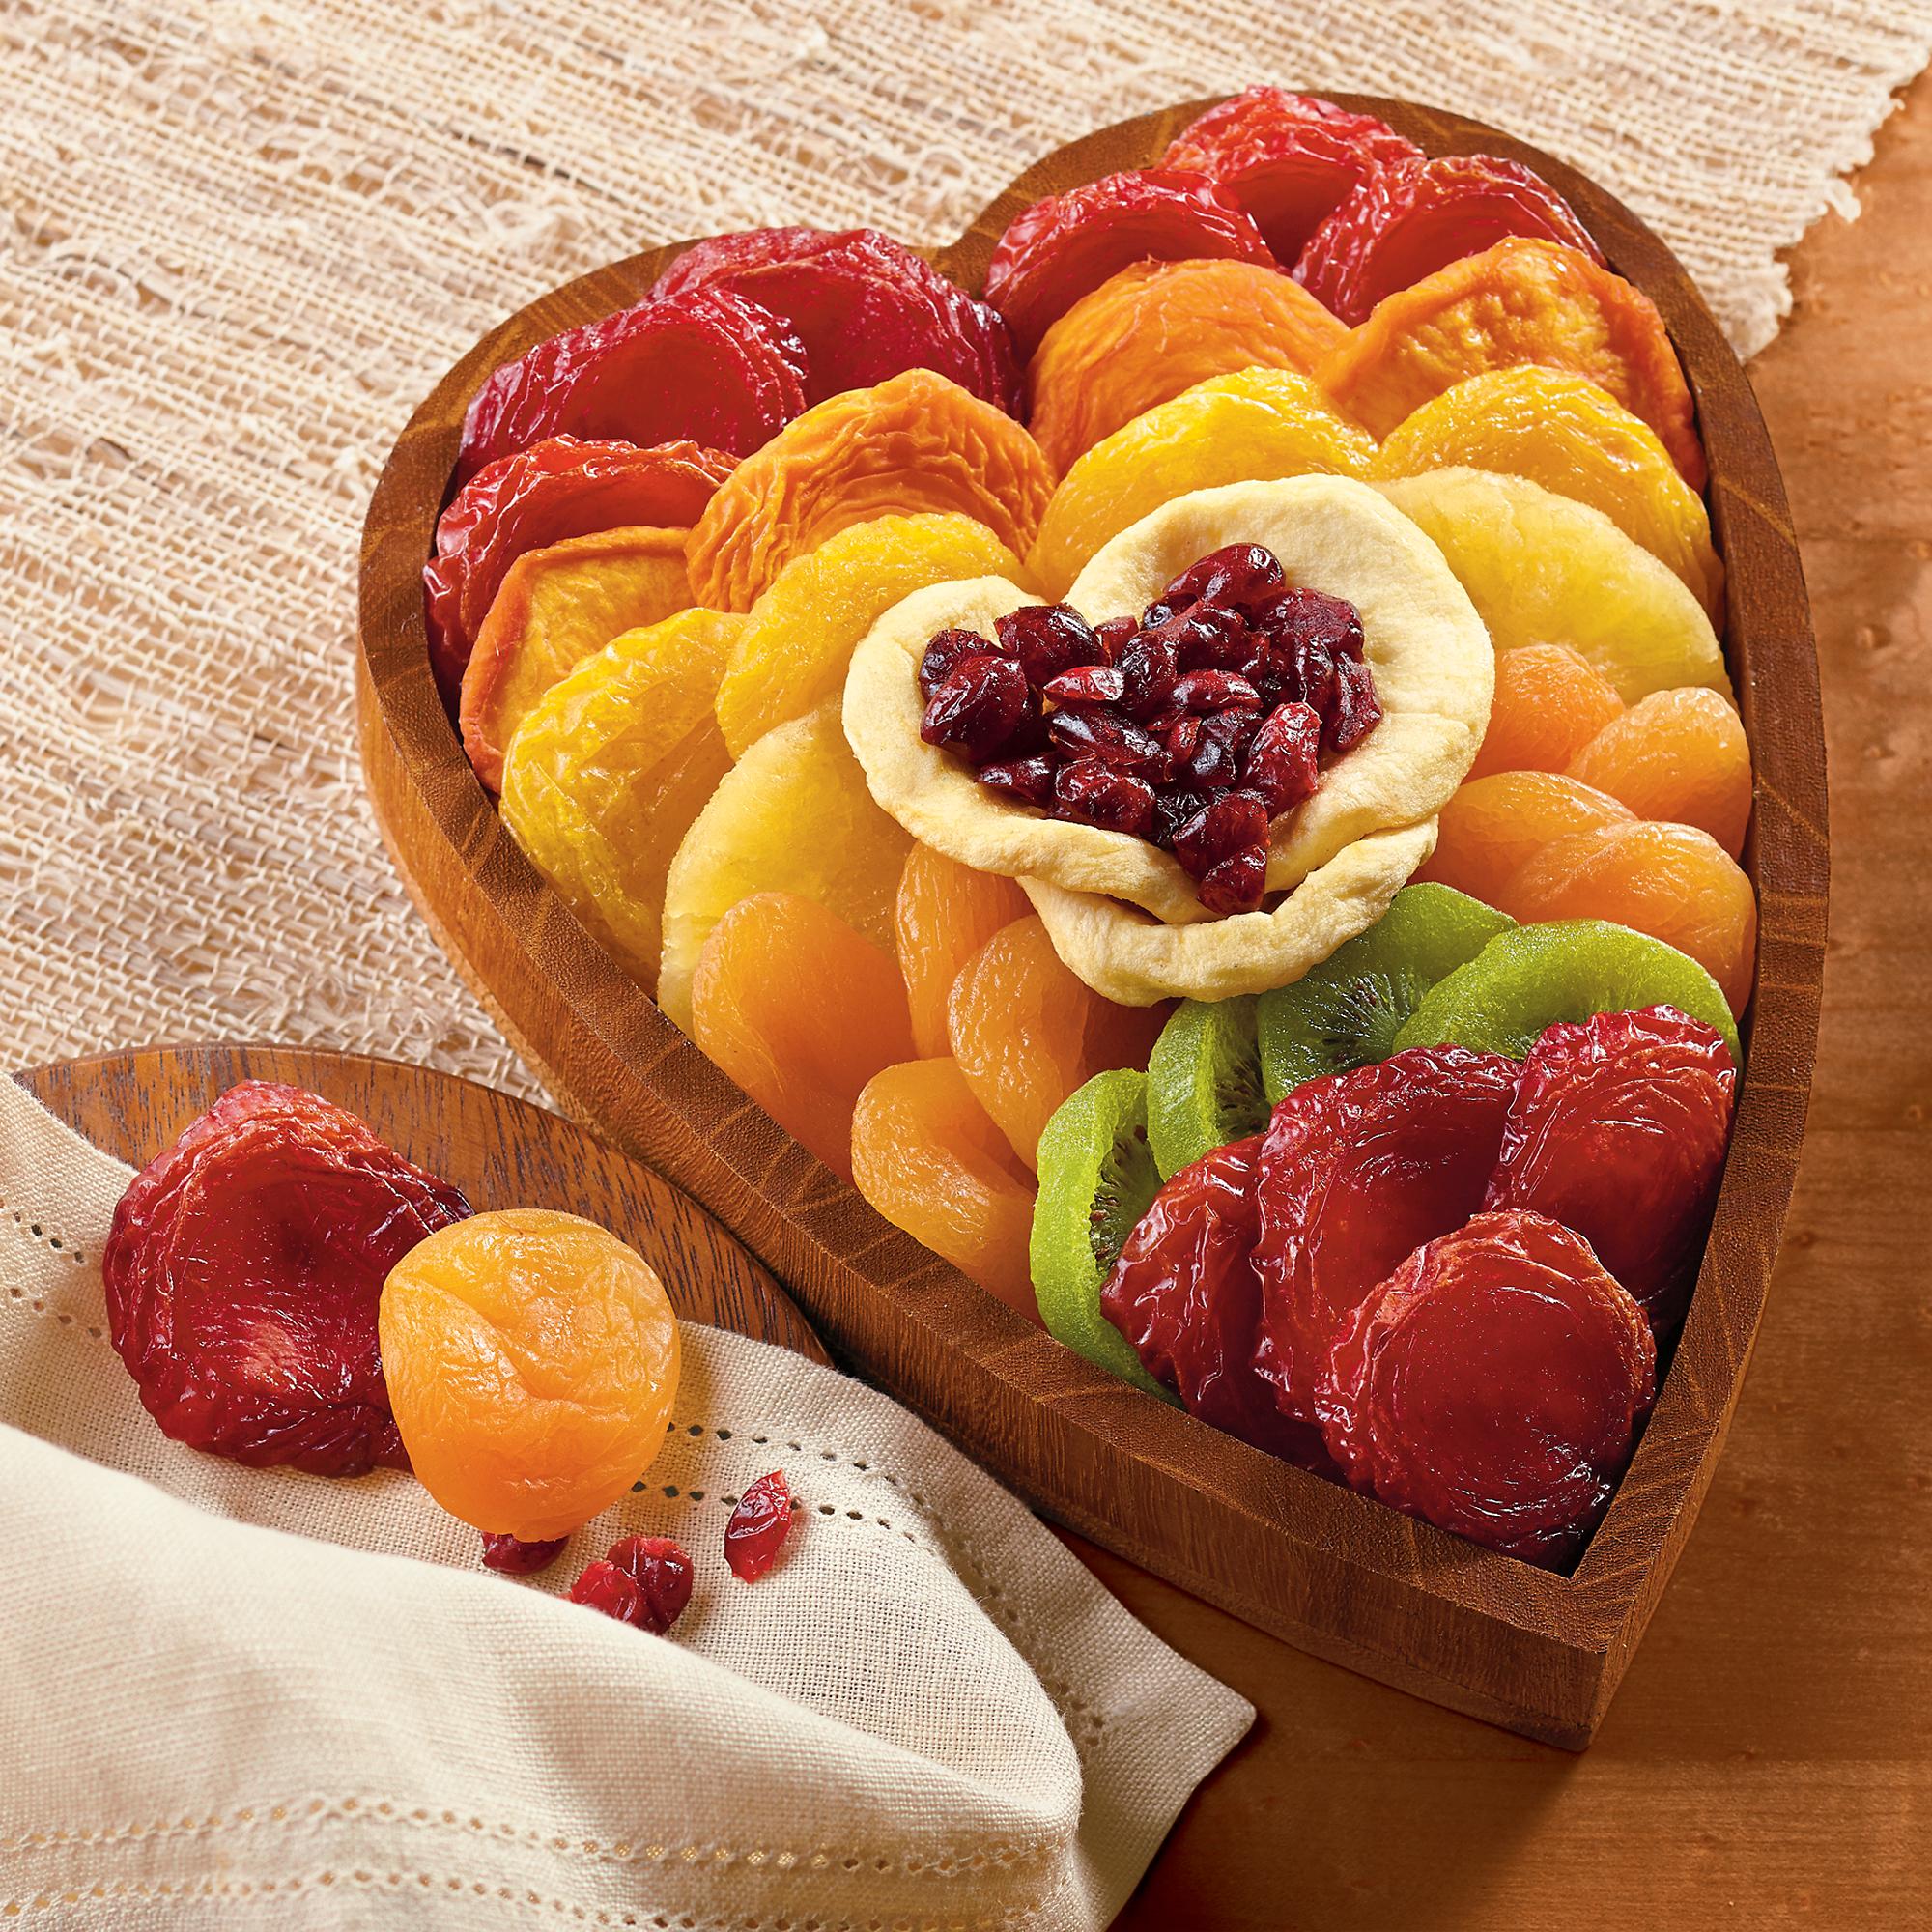 Fructele uscate, un snack sanatos daca este consumat cu moderatie